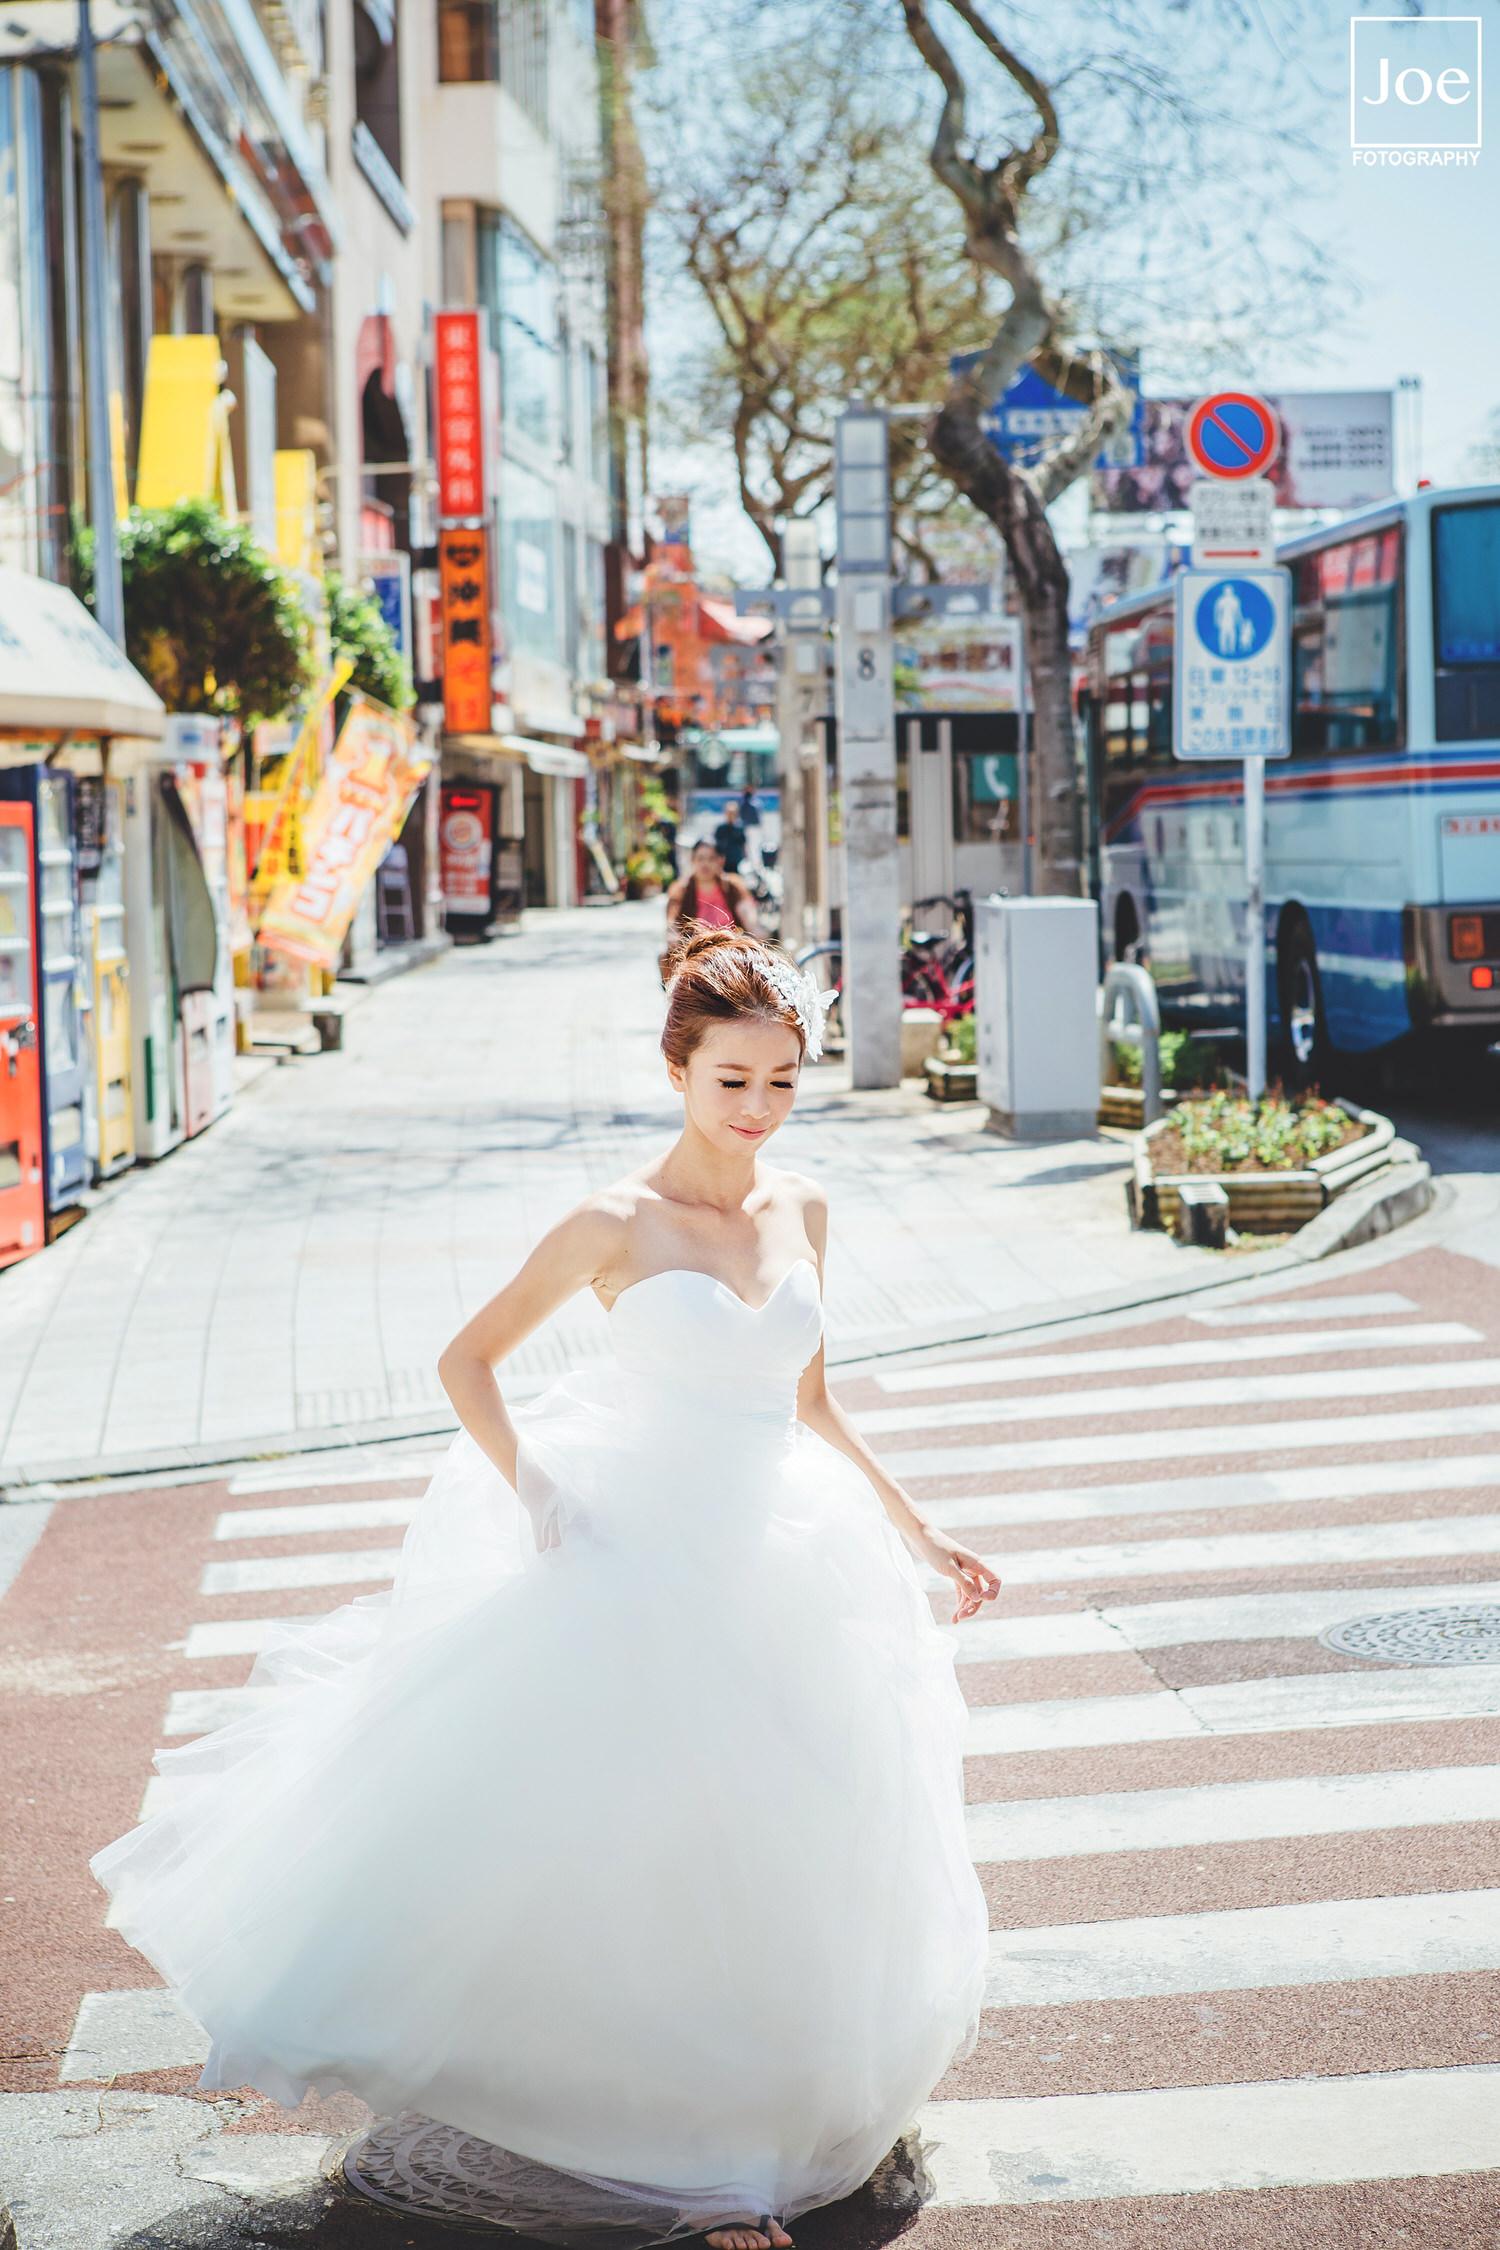 14-okinawa-kokusai-dori-pre-wedding-melody-amigo-joe-fotography.jpg